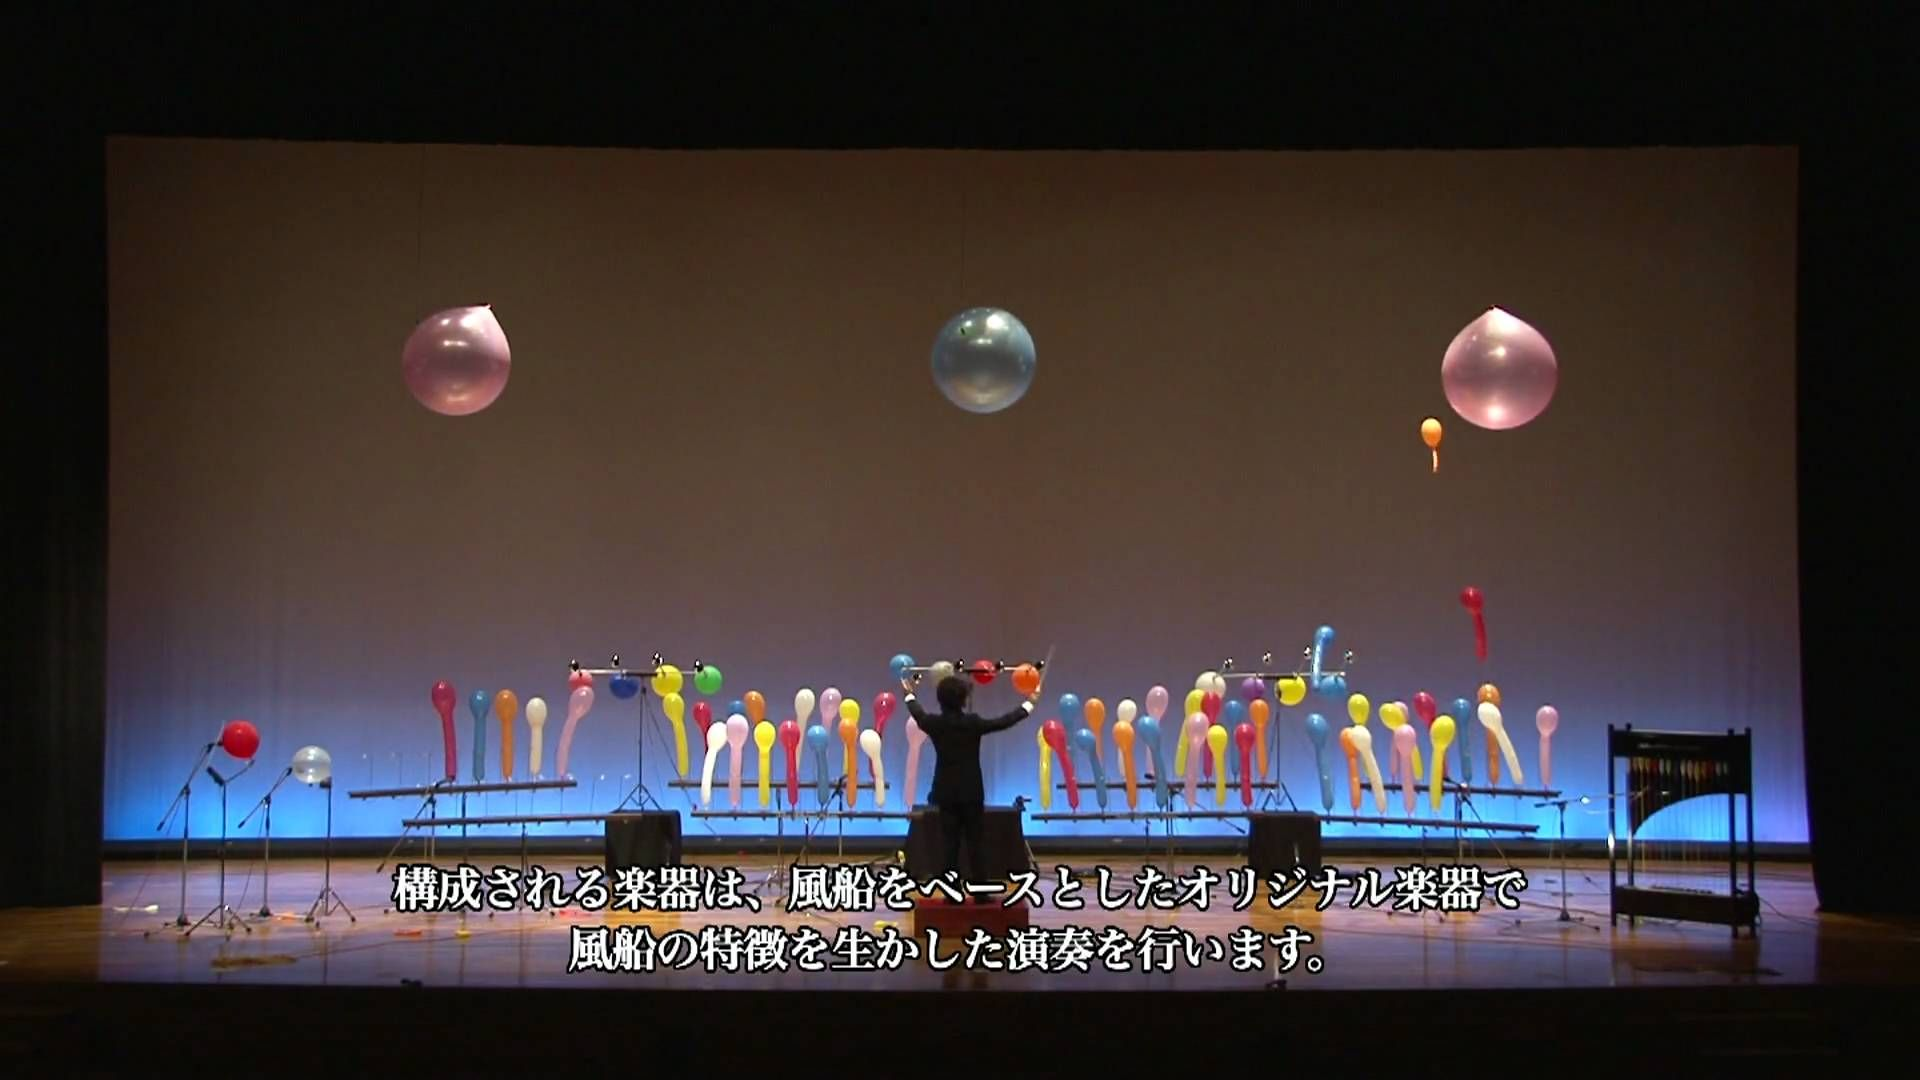 バルーン・フィルハーモニー交響楽団 : 風船楽器オーケストラ : 筑波大学